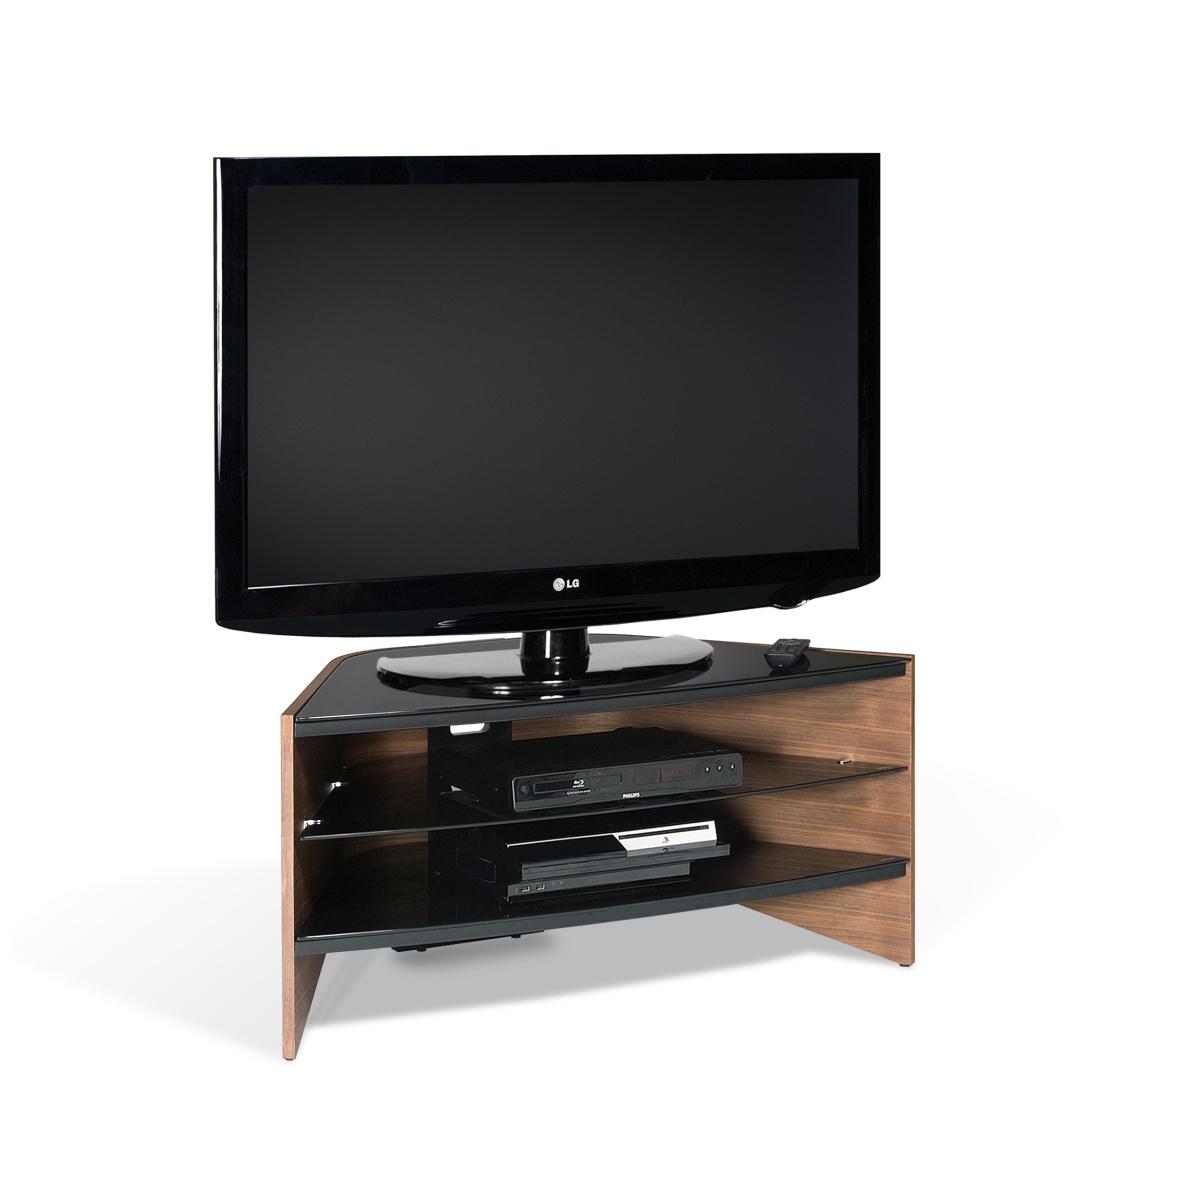 Walnut 3 Black Glass Shelf Corner LCD Plasma TV Stand 32